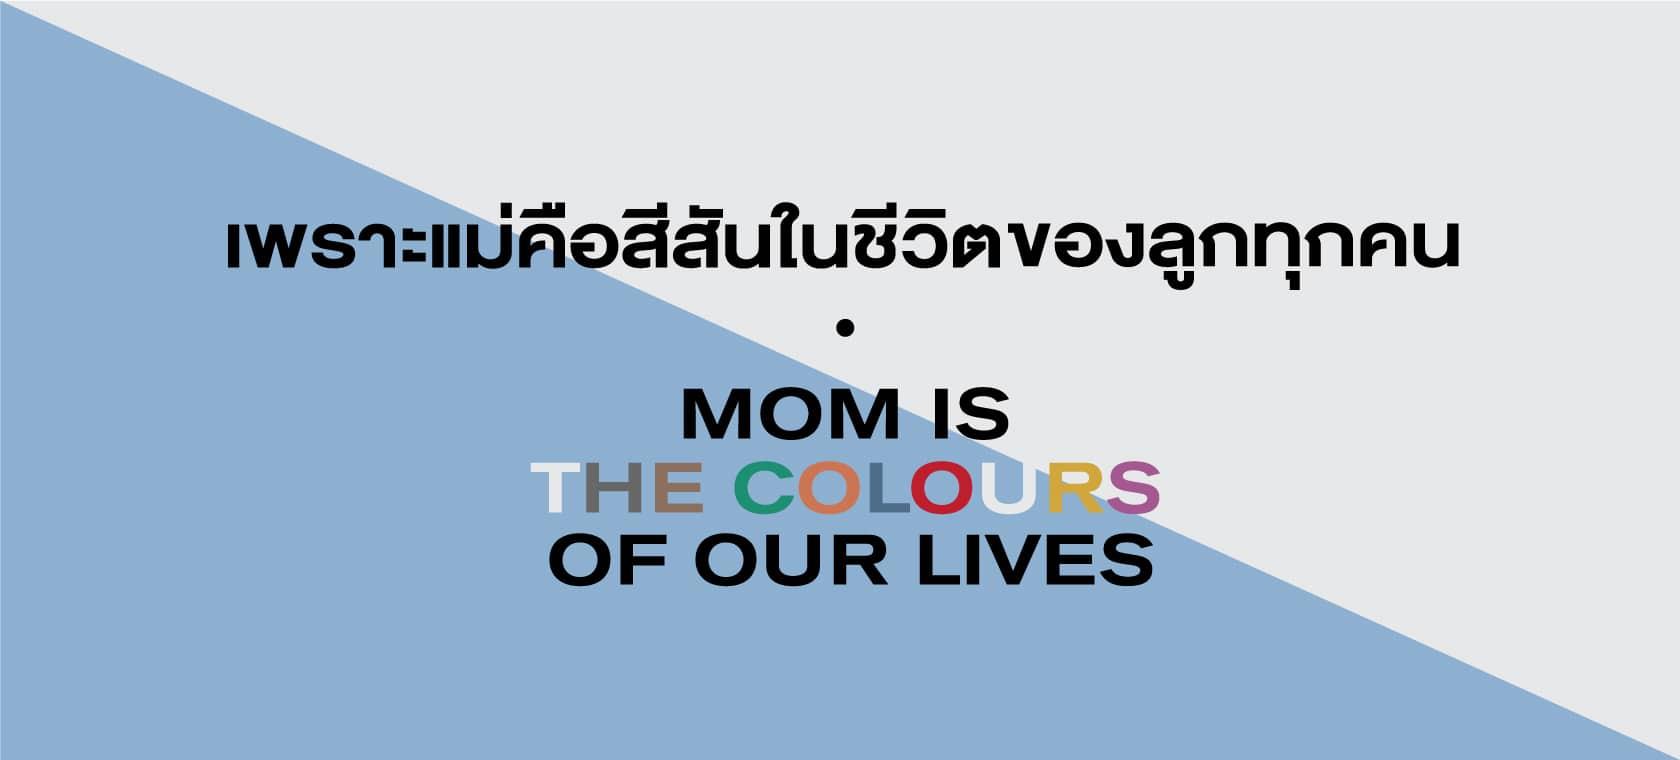 คุณแม่